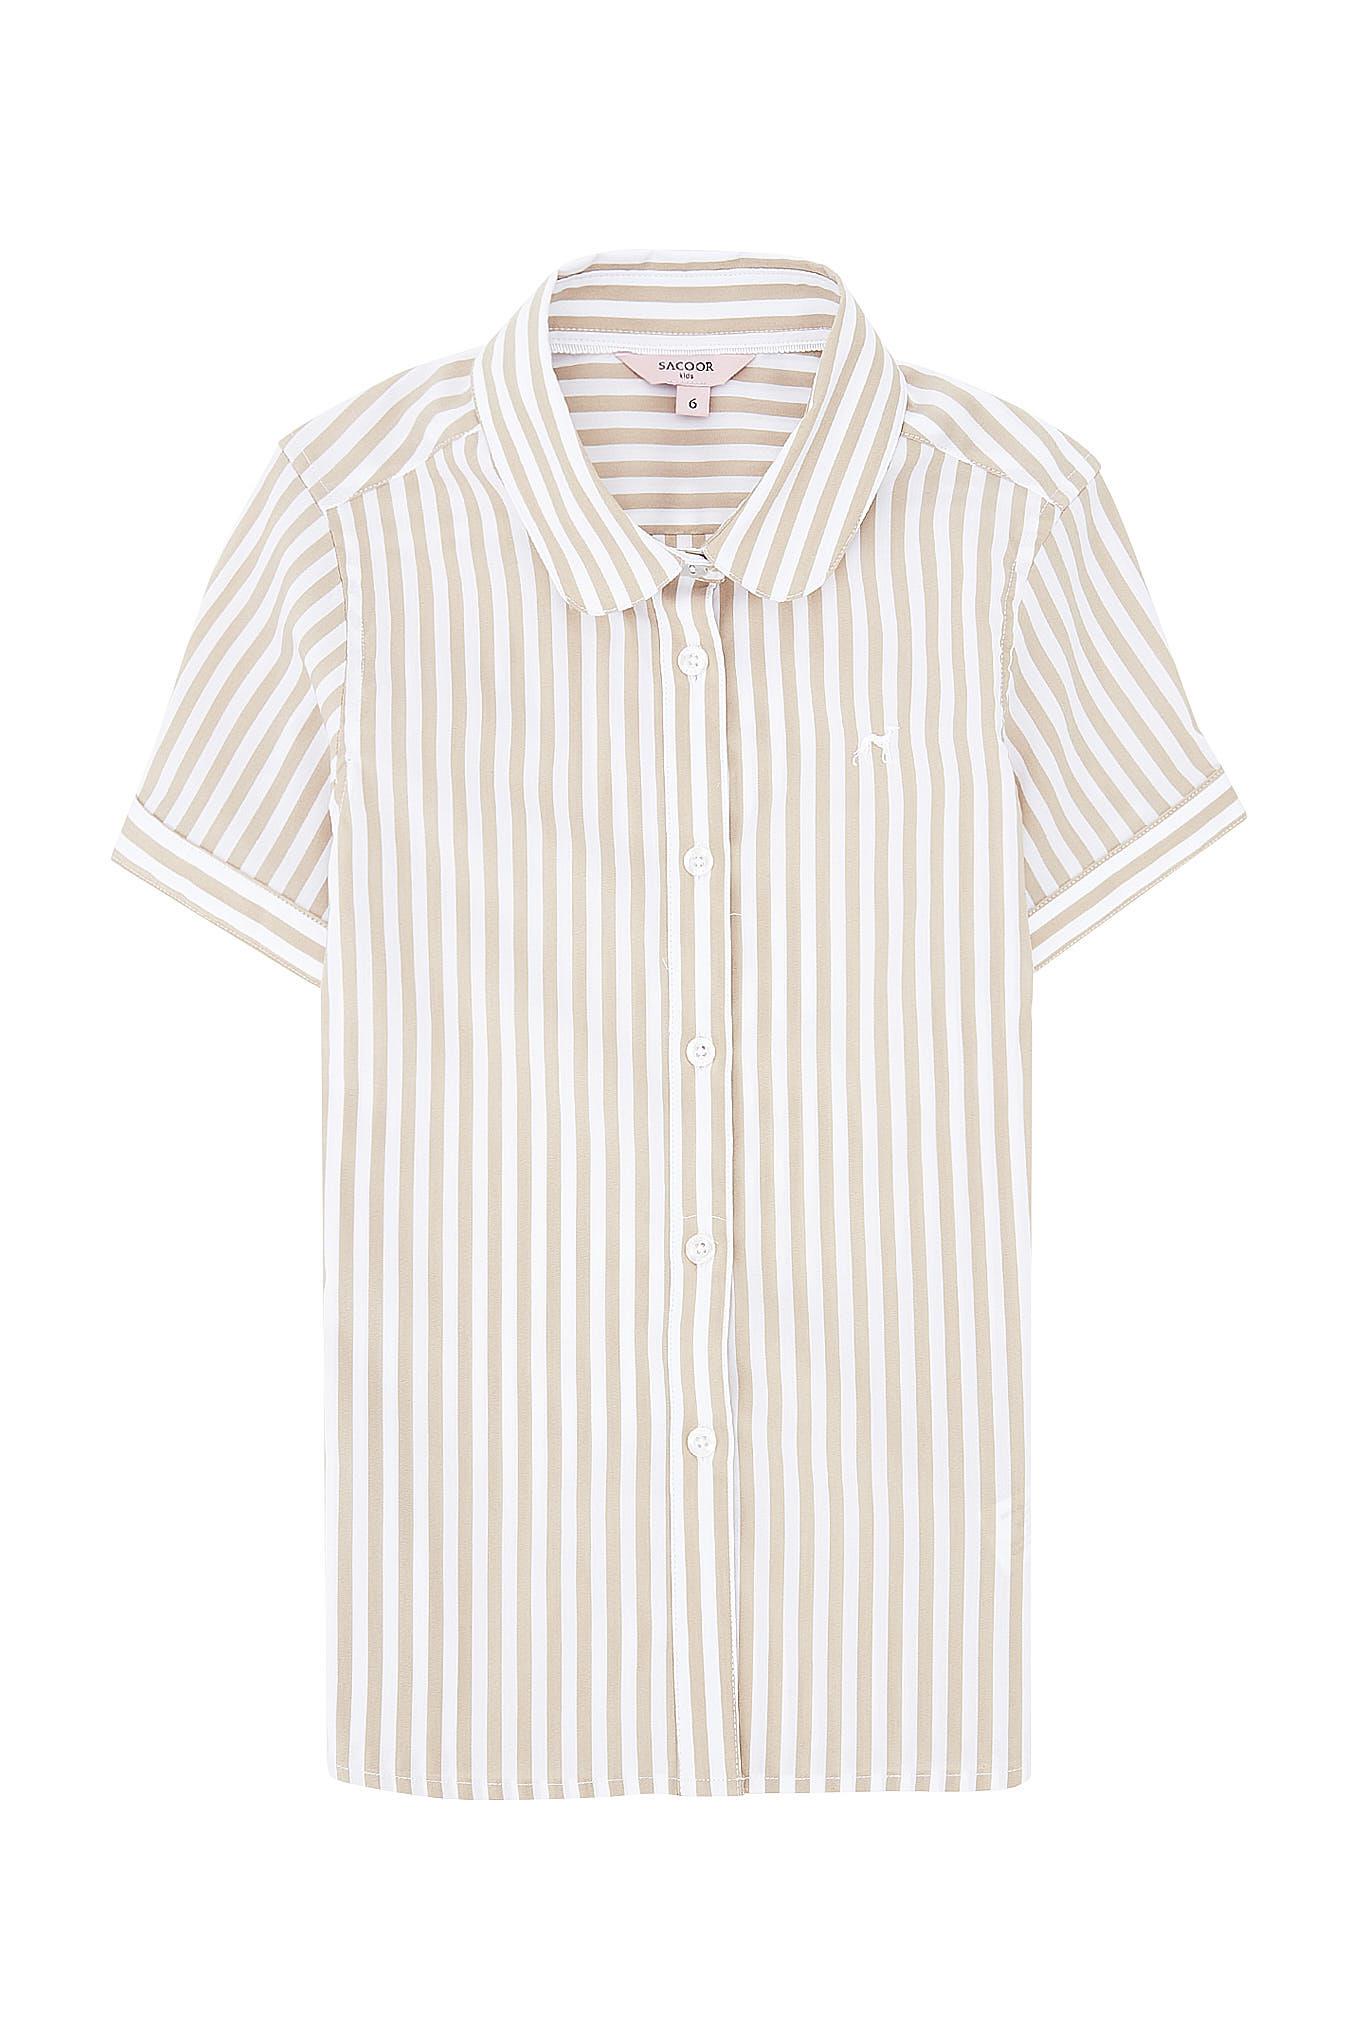 Camisa Riscas Casual Rapariga